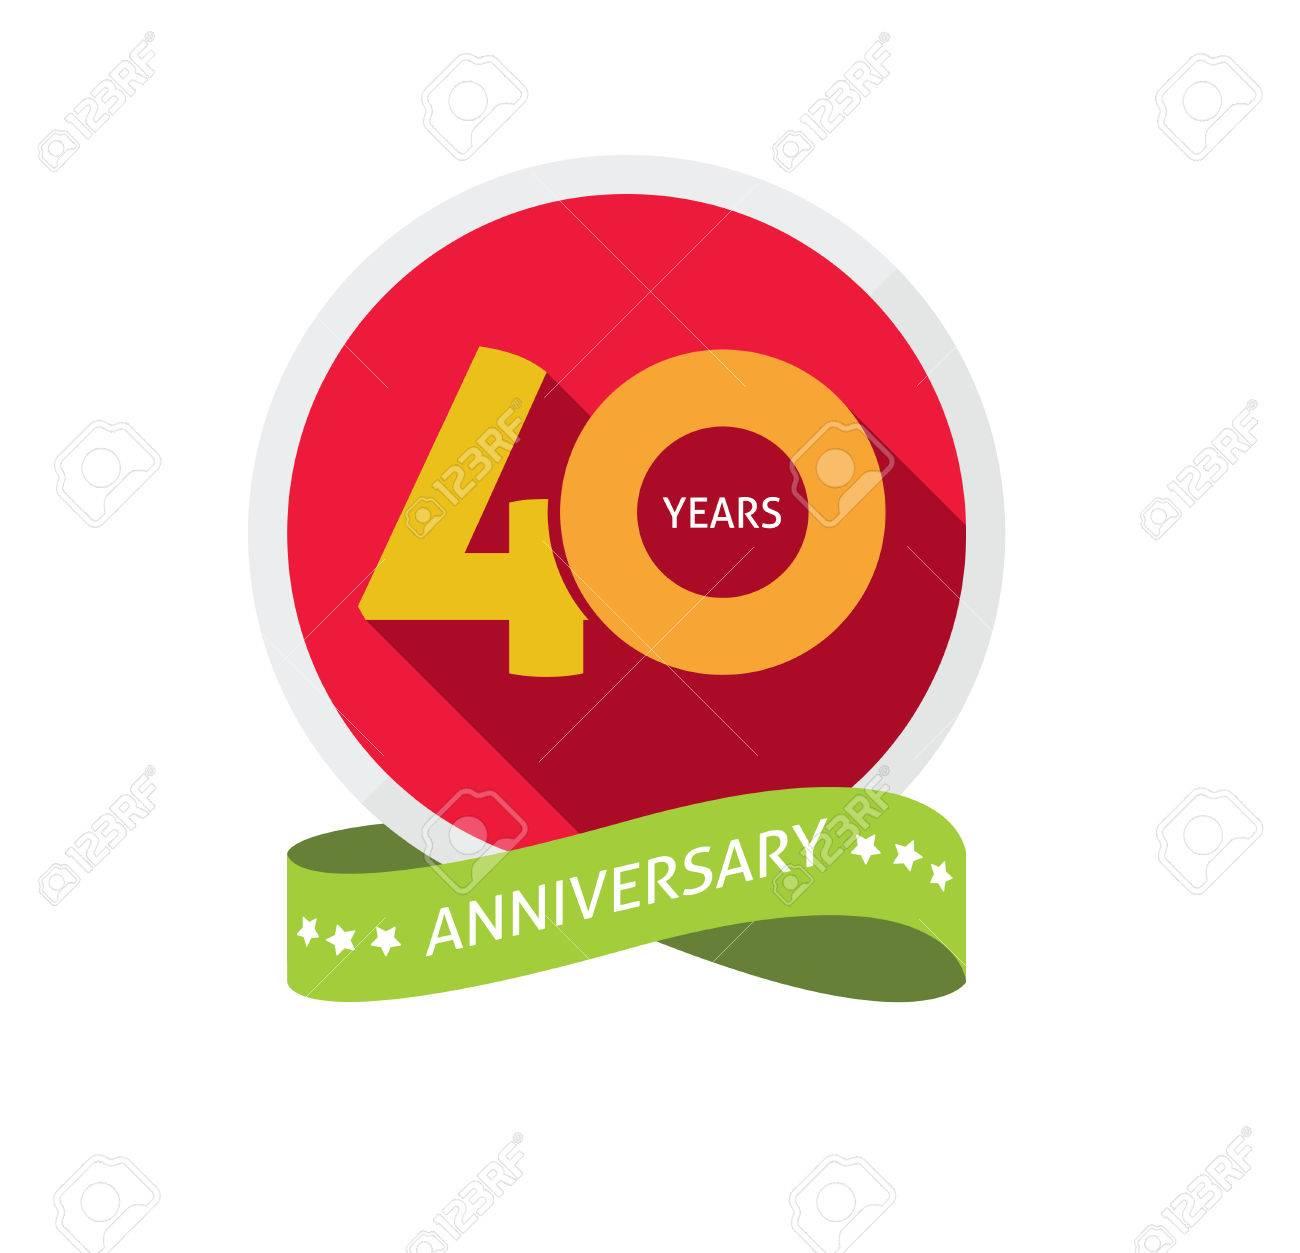 Festa Di Quarant Anni modello 40 ° anniversario con l'ombra sul numero di cerchio, di 40 anni  l'icona. quarant'anni simbolo festa di compleanno. adesivo vacanze  trentesimo,